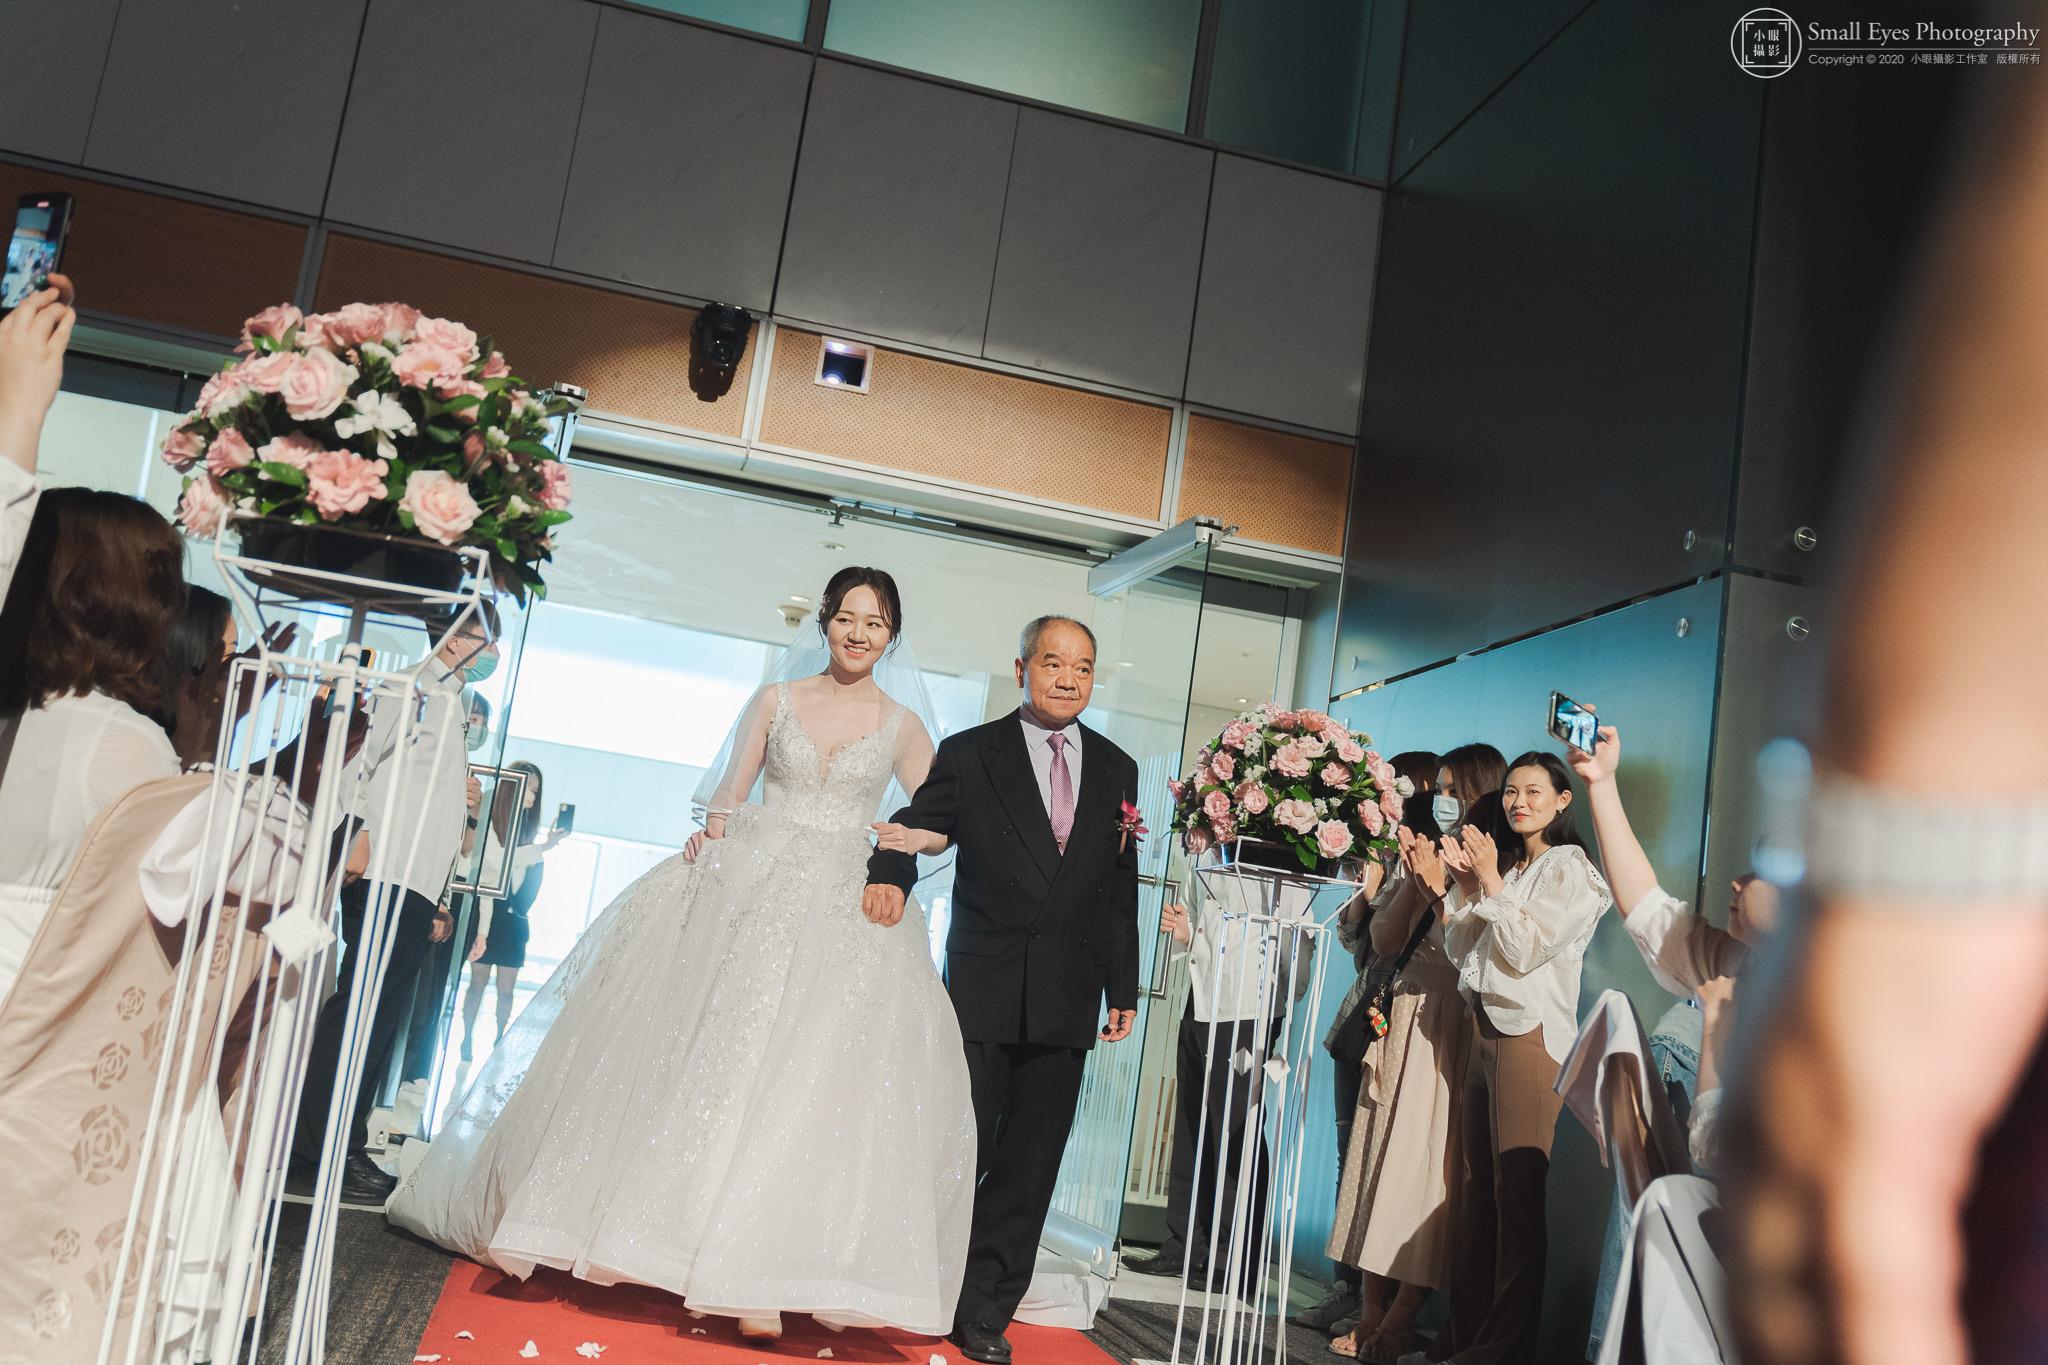 小眼攝影,傅祐承,婚禮攝影,婚攝,婚禮紀實,婚禮紀錄,台中,裕元花園,酒店,進場,新娘,父親